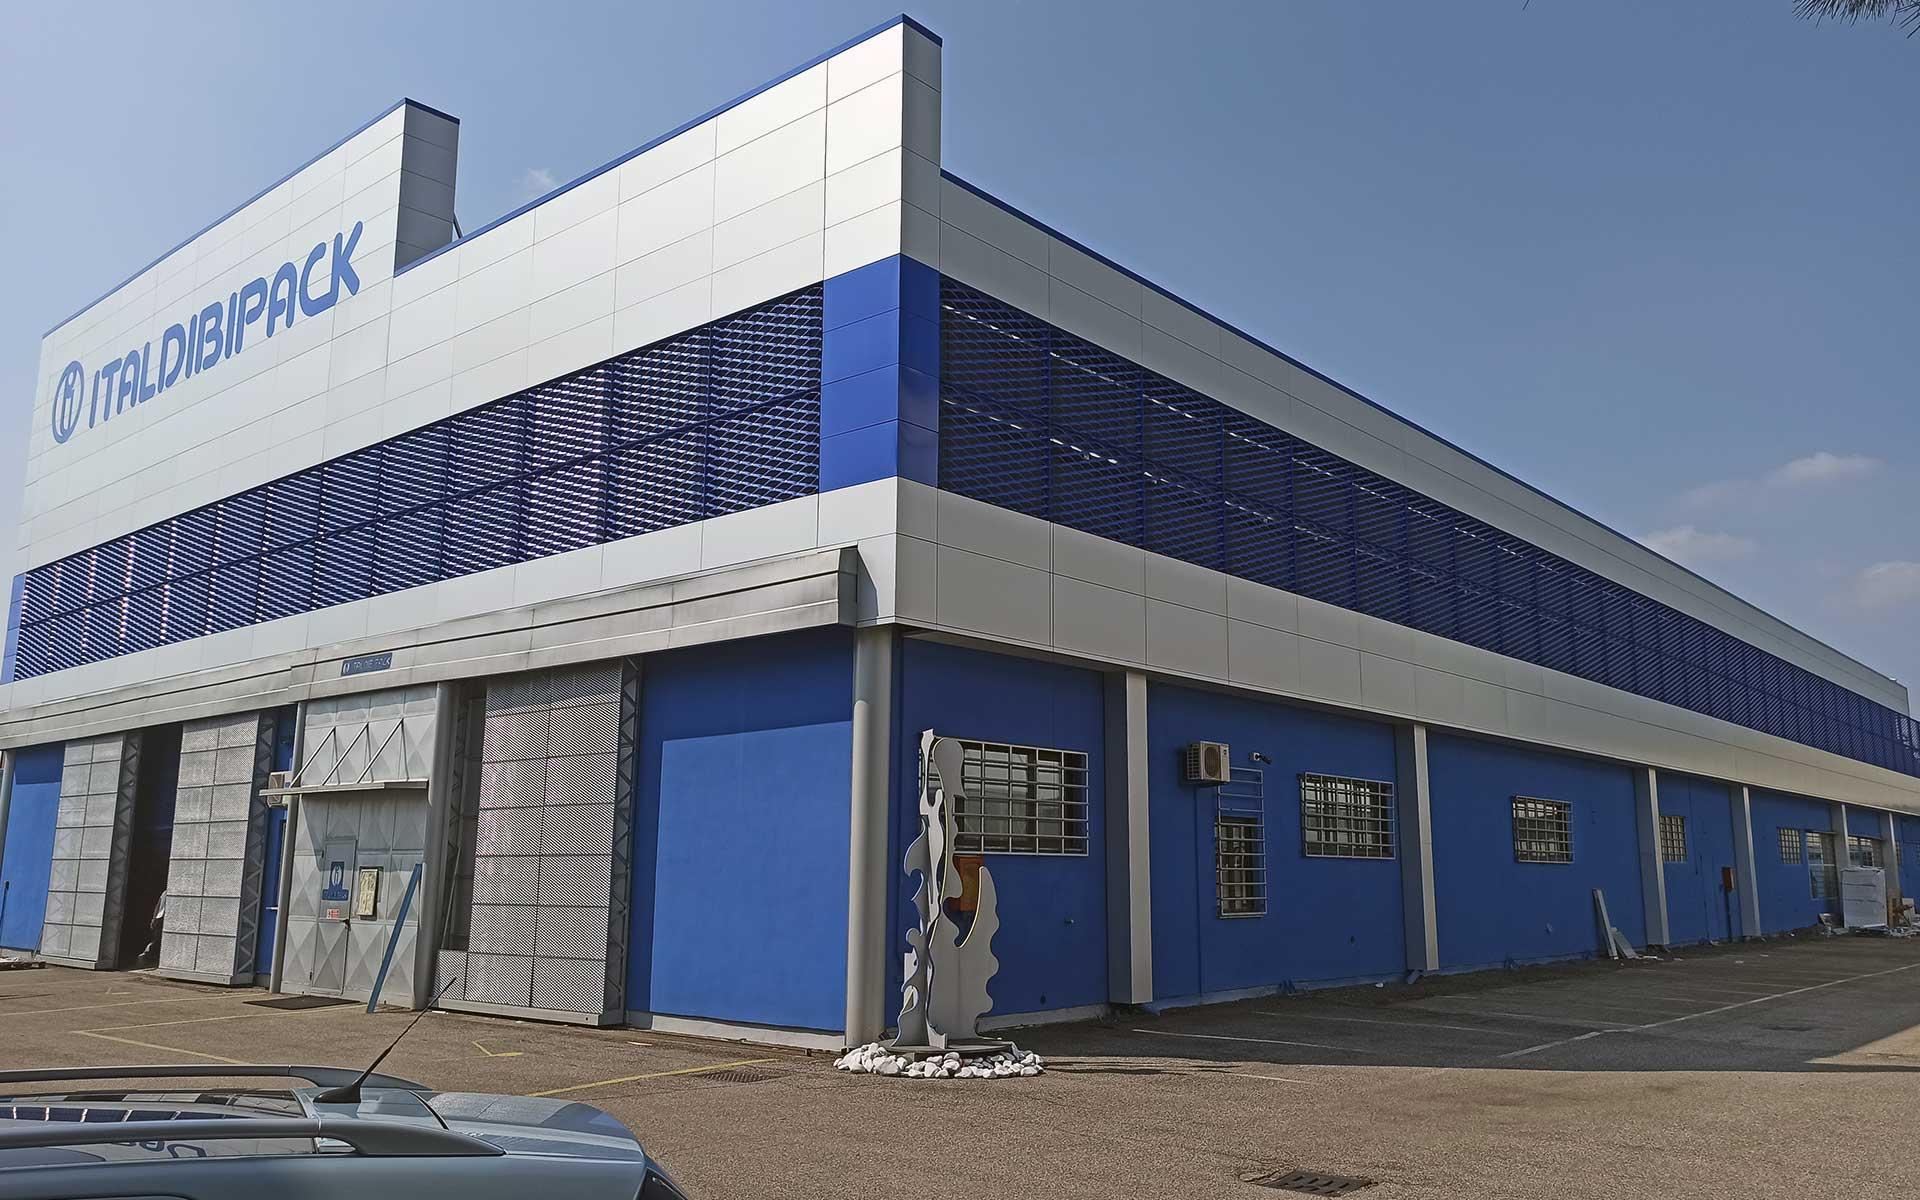 Rivestimento di facciata ventilata, rivestimento in alluminio cieco, rivestimento in lamiera stirata